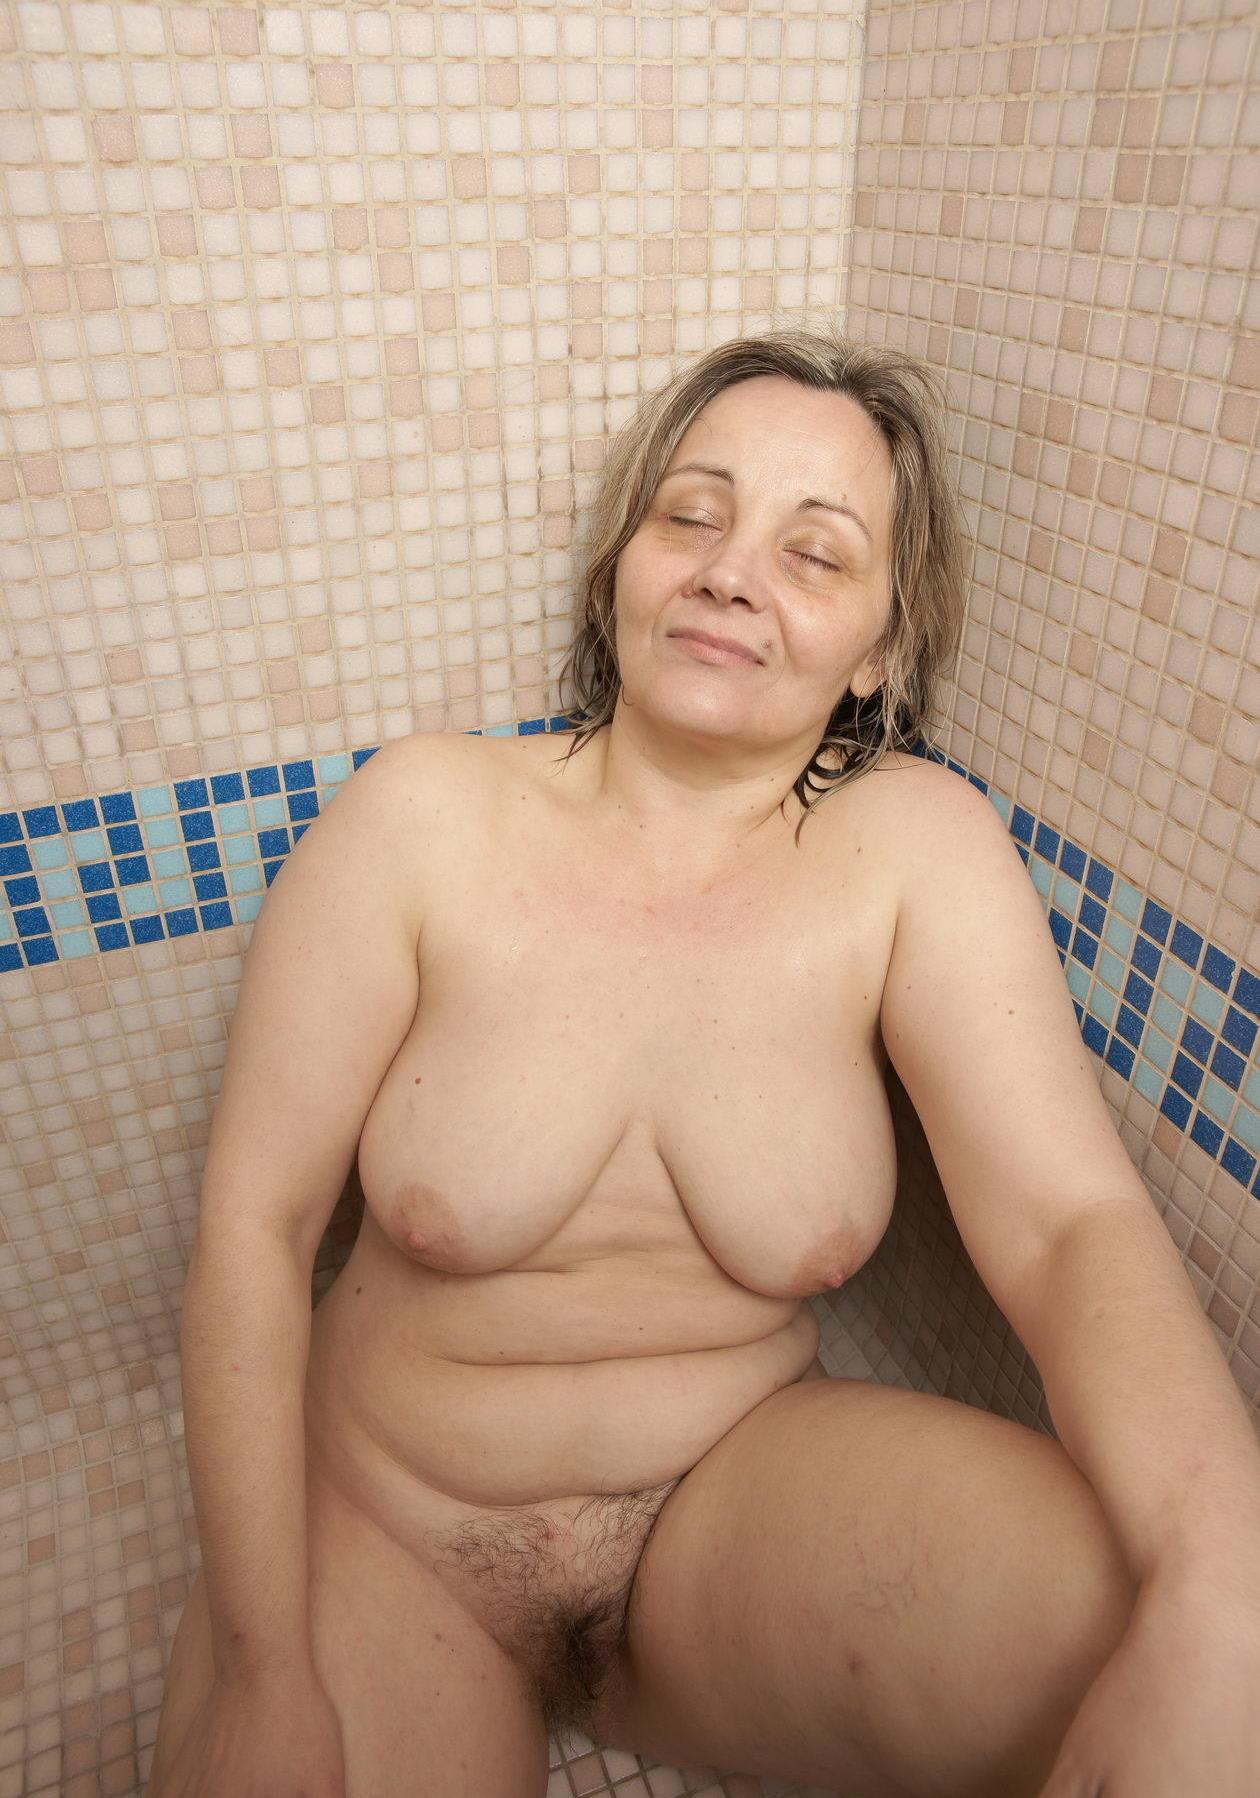 Проститутка от 50 лет 13 фотография